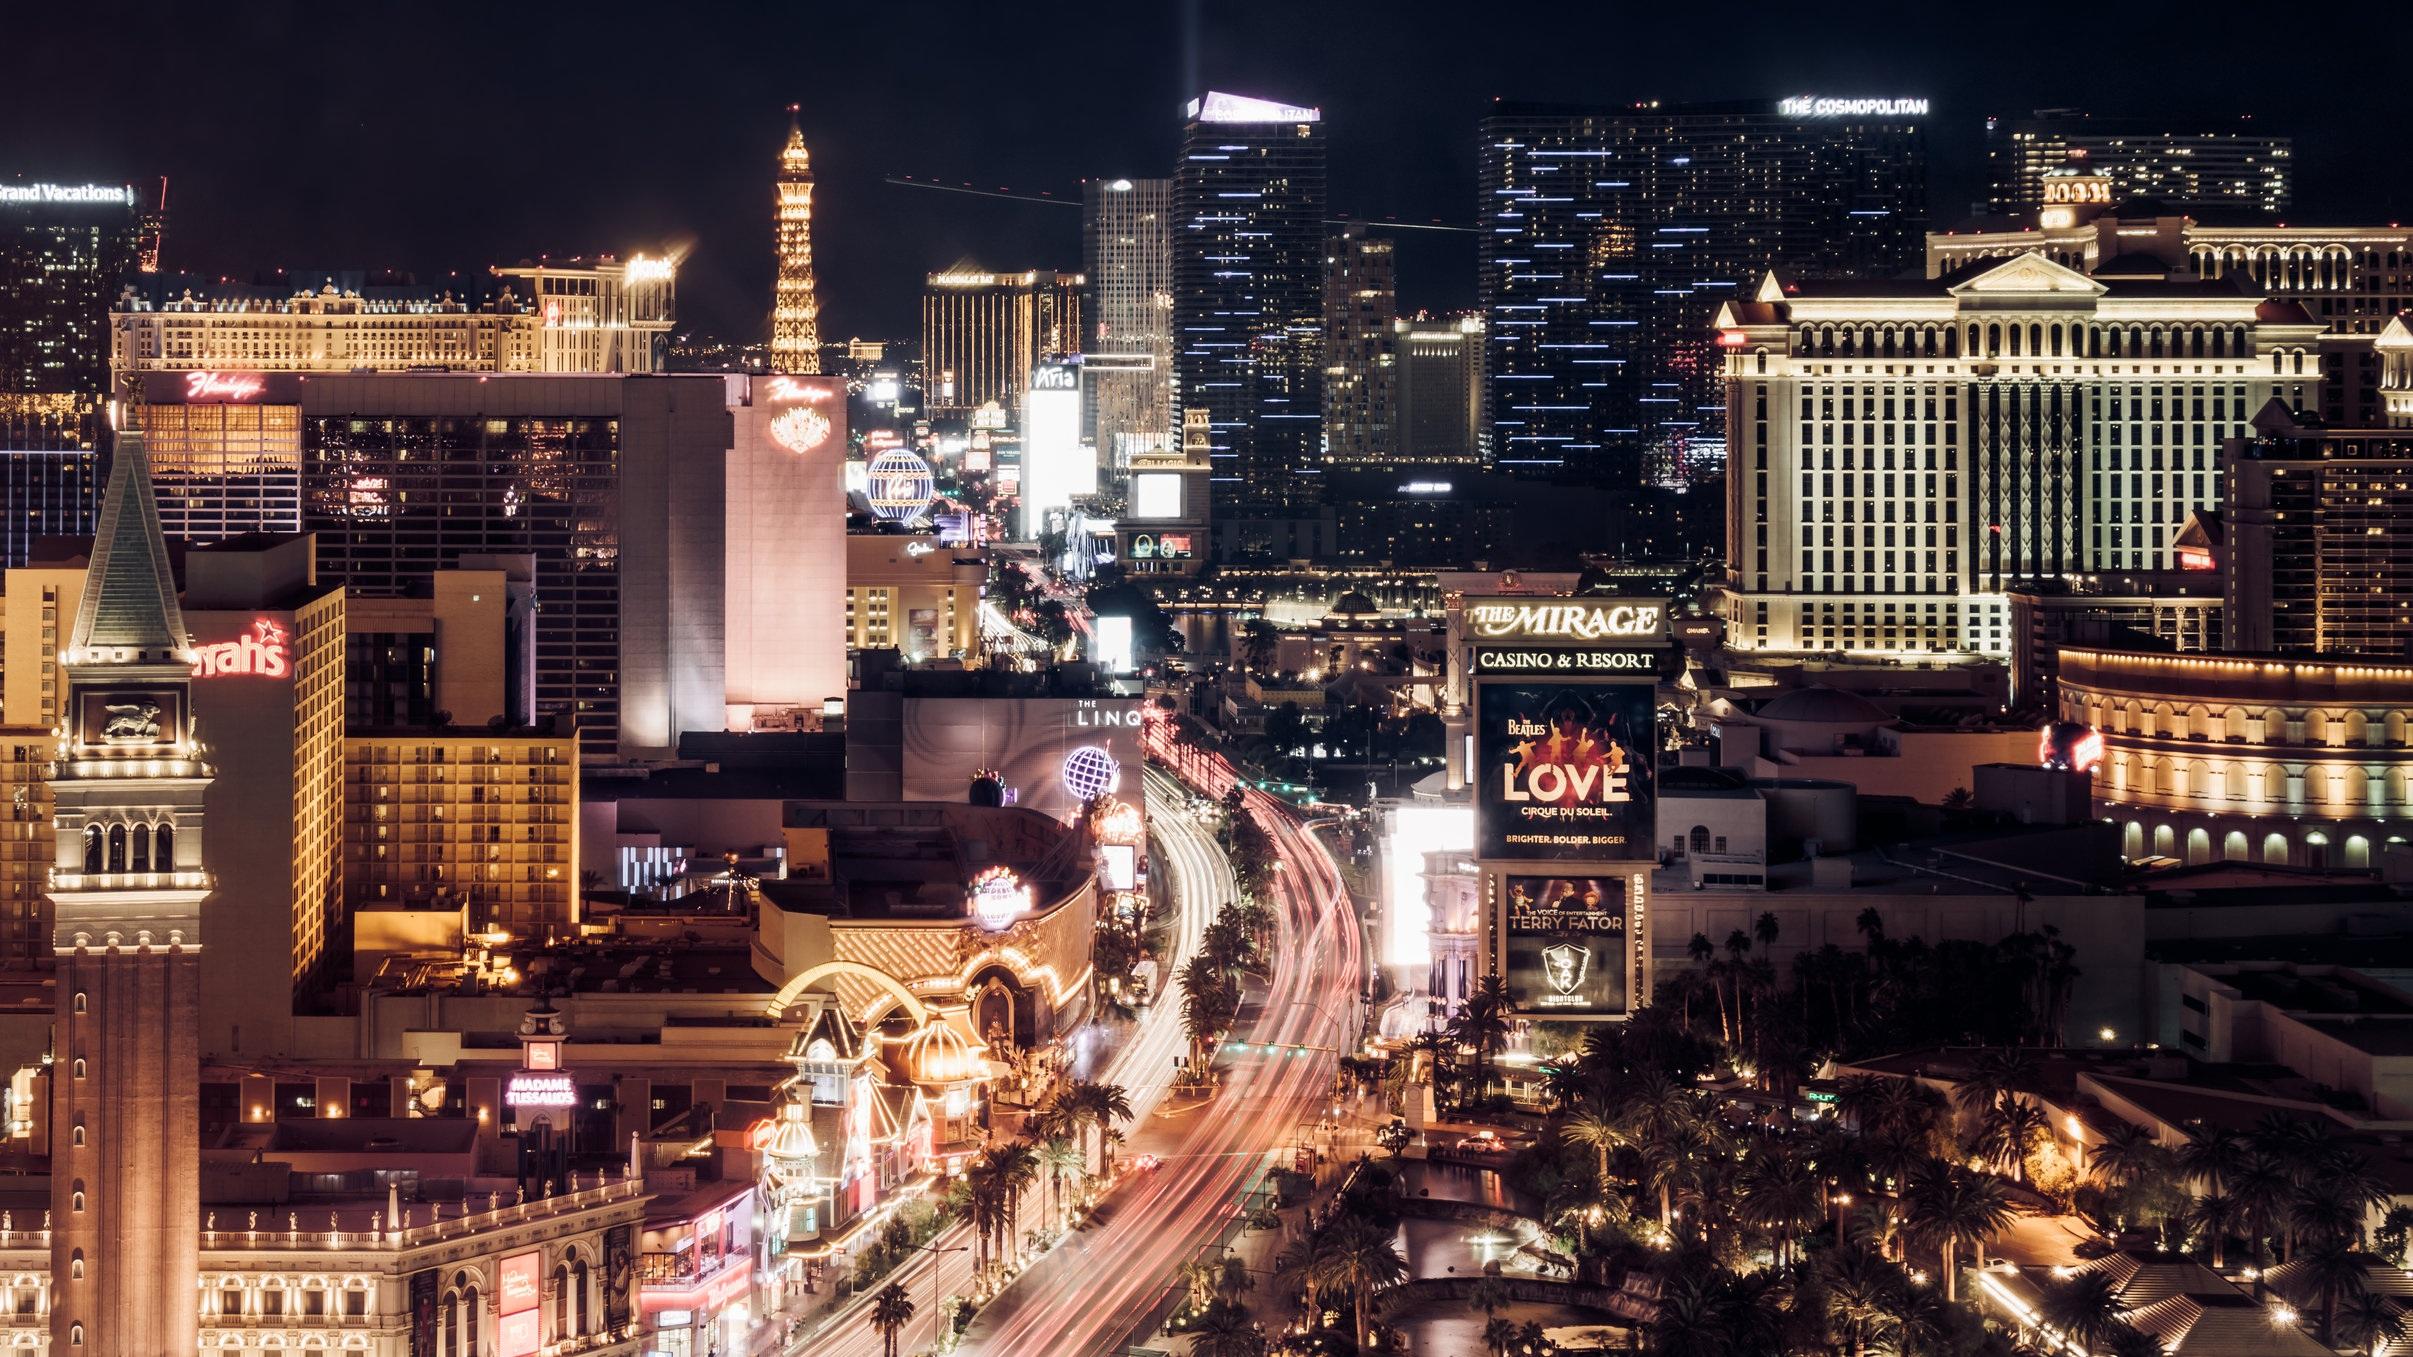 (Restaurang)   Las Vegas huvudgata The Strip sträcker sig fem kilometer och här får du gnugga dig i ögonen för att se om du är vaken. Neonskyltar, pyramid, eiffeltorn, frihetsgudinnan och casinon. Har blandas världsdelar, städer och mycket mer i en färgrik kombination som måste upplevas - helst kvälls- och nattetid.